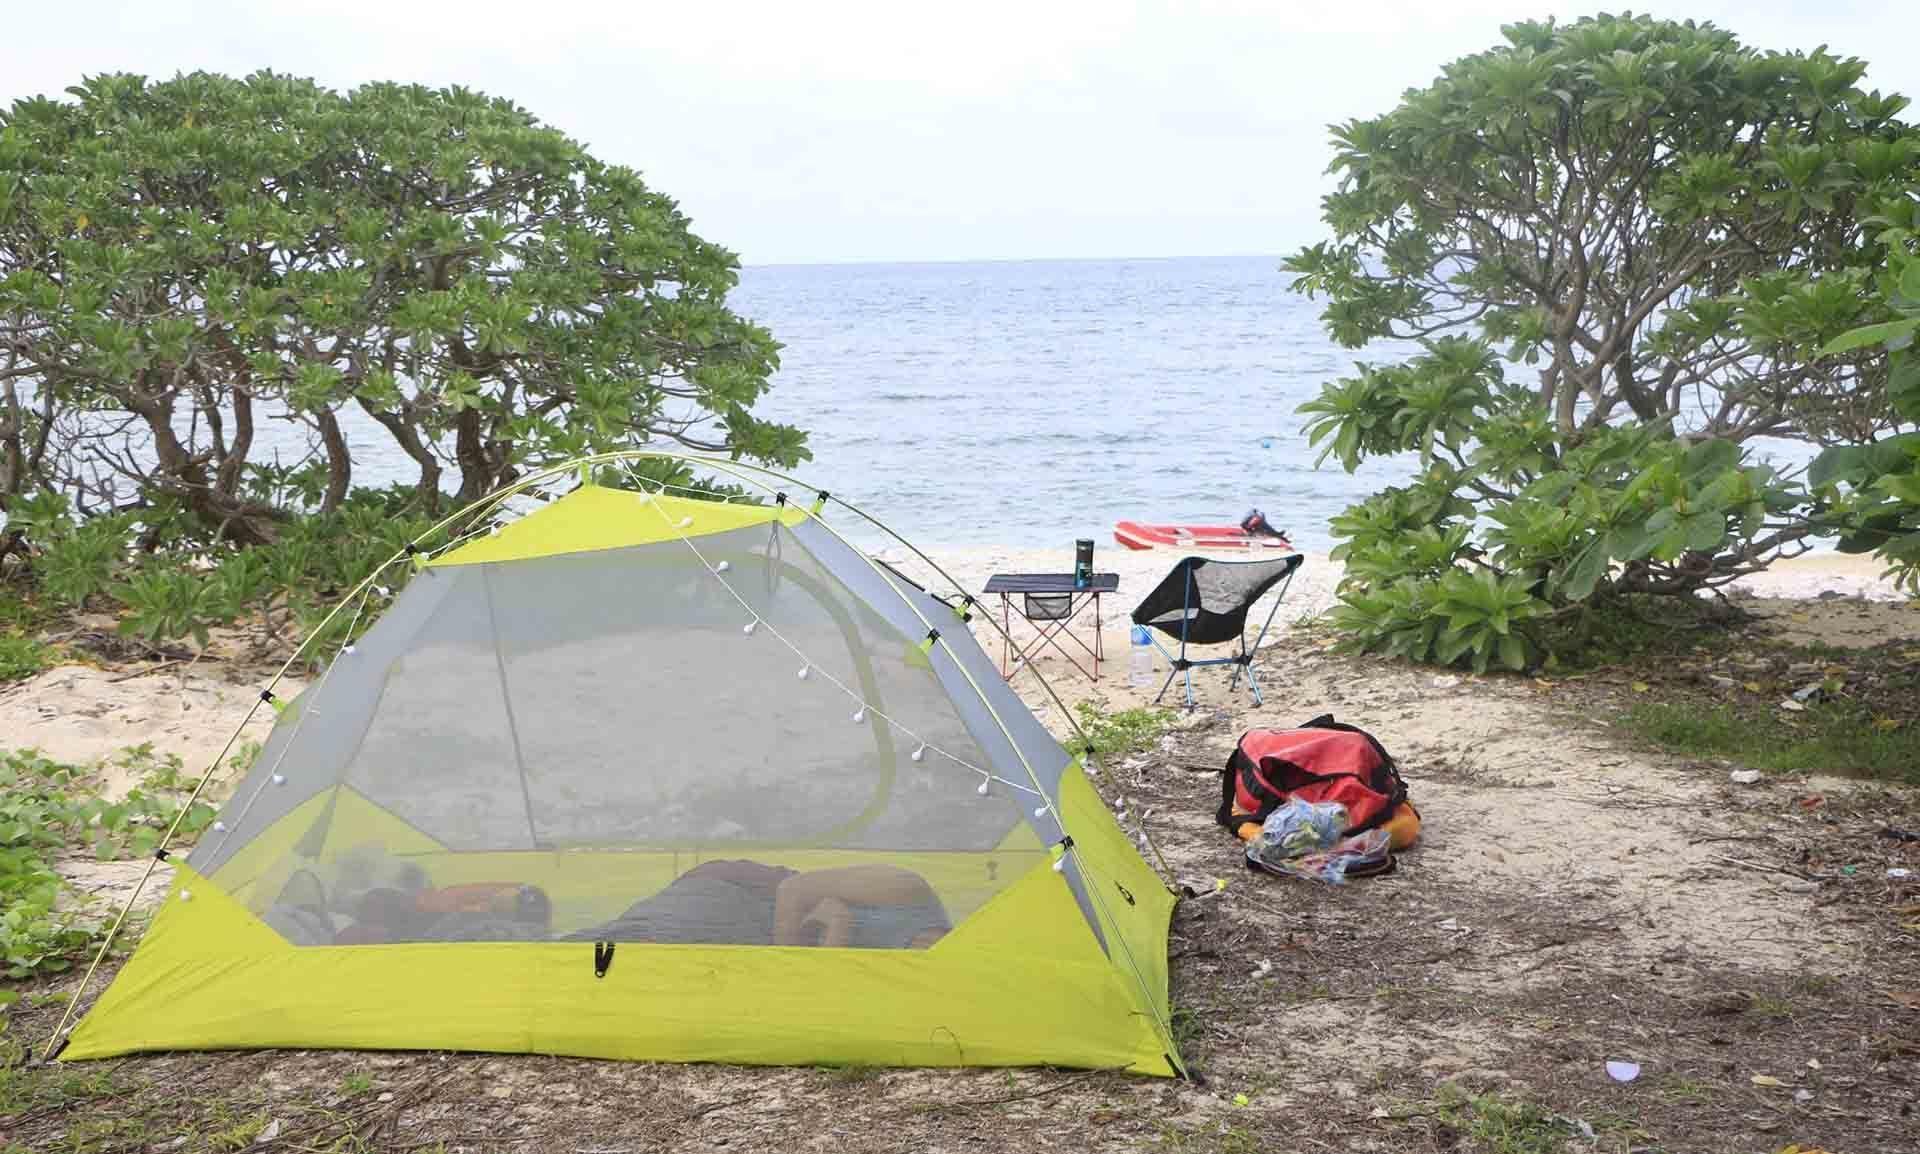 chọn lều cắm trại sao cho đúng với khí hậu việt nam